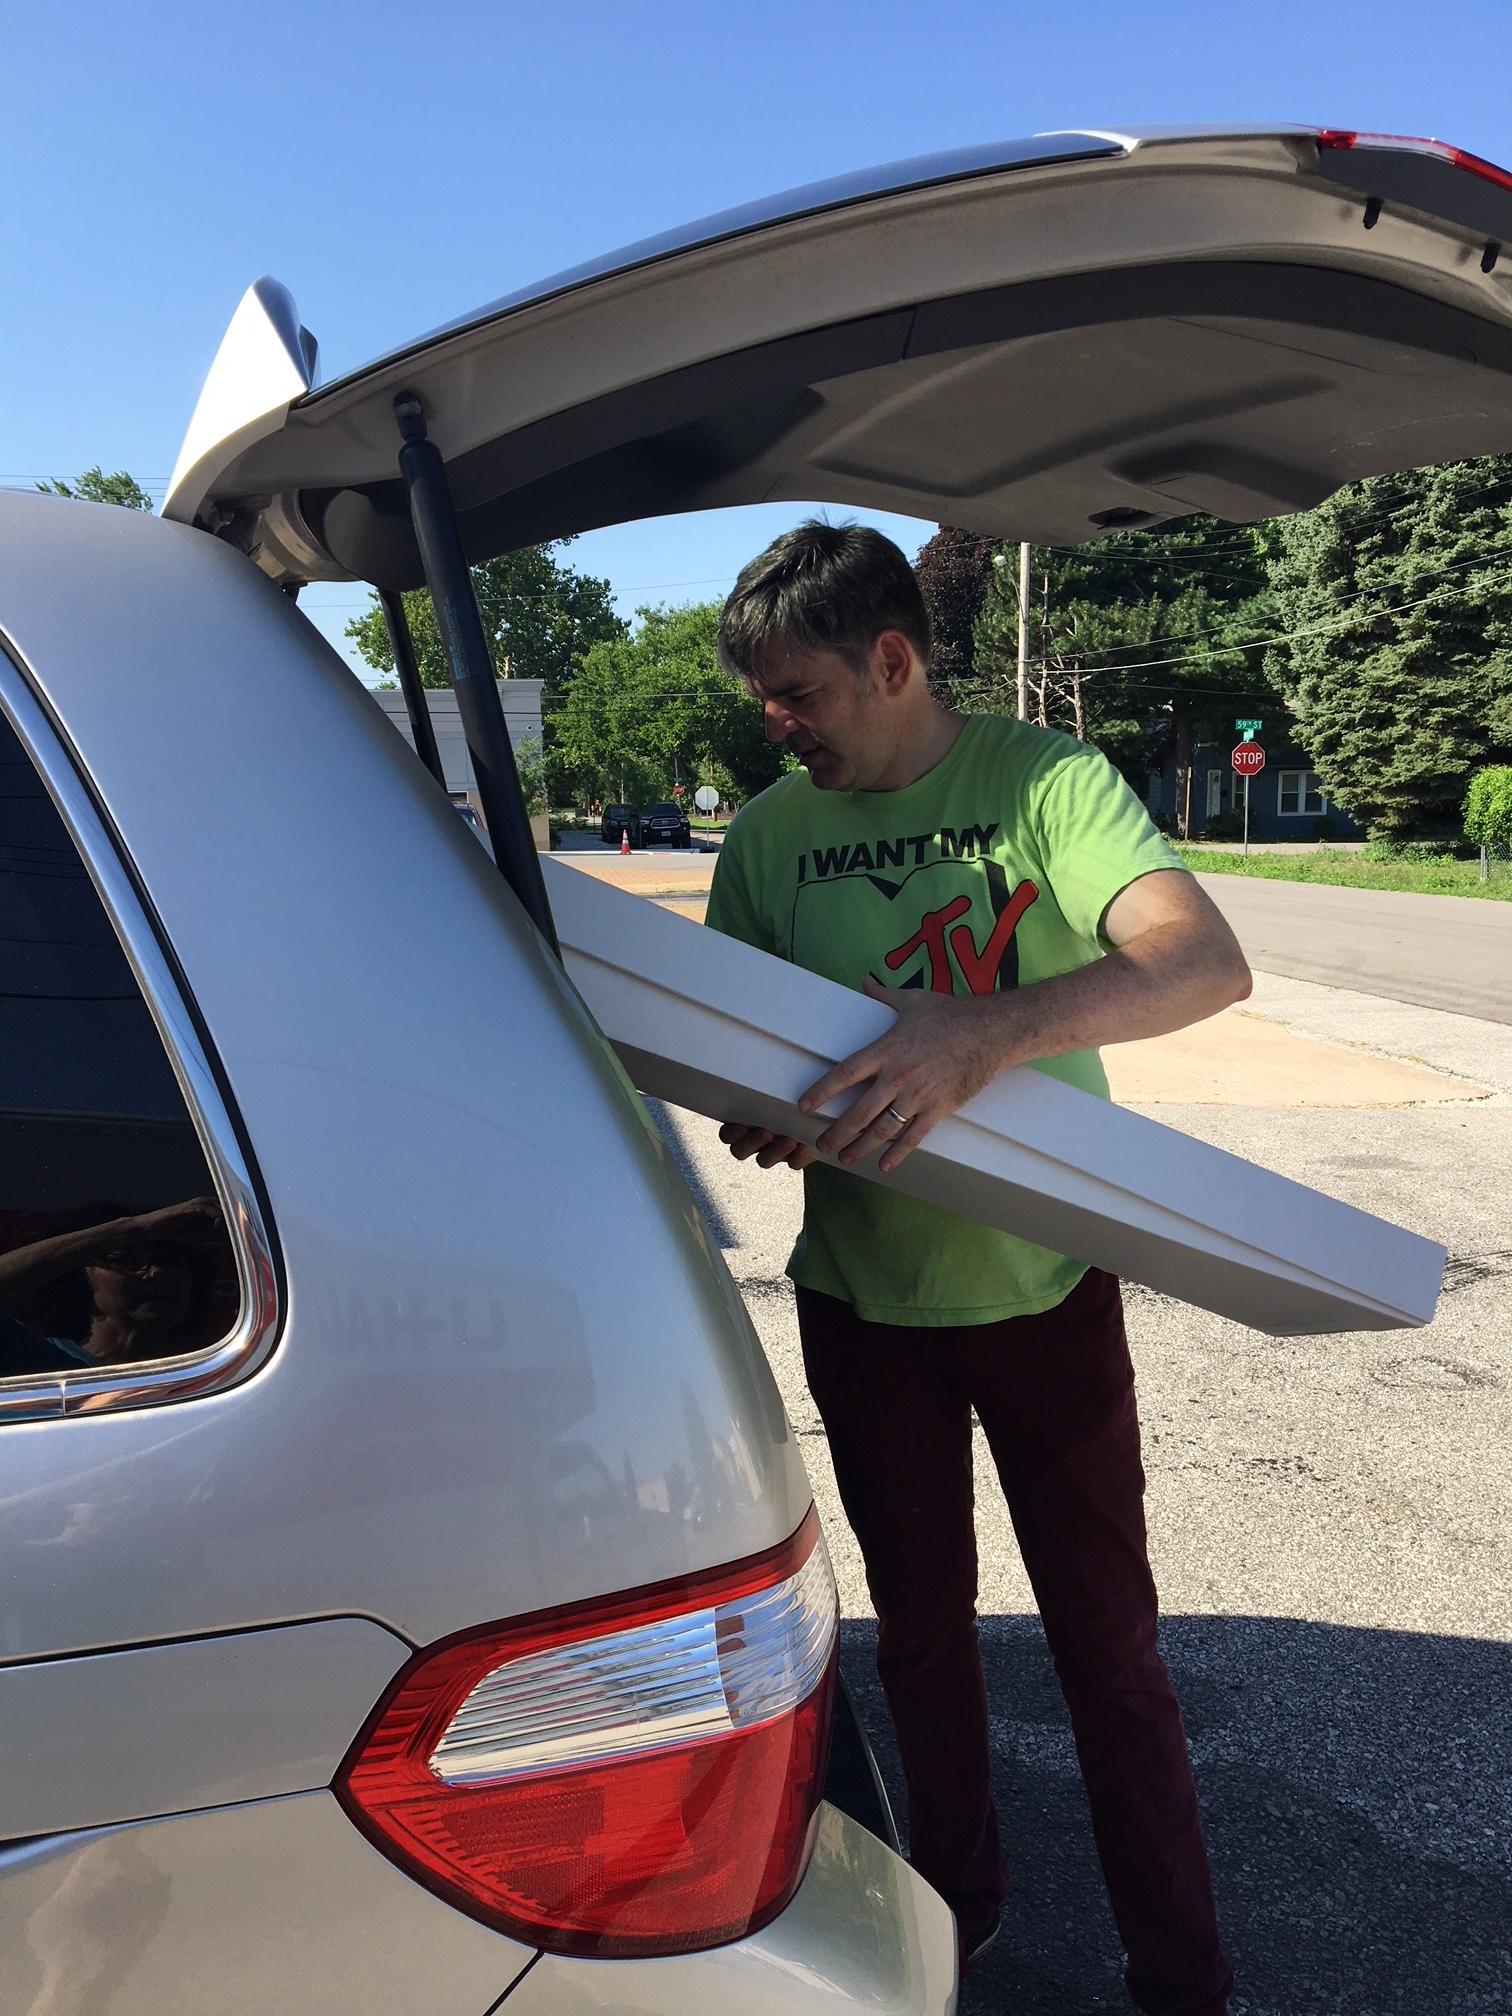 Todd fills the van